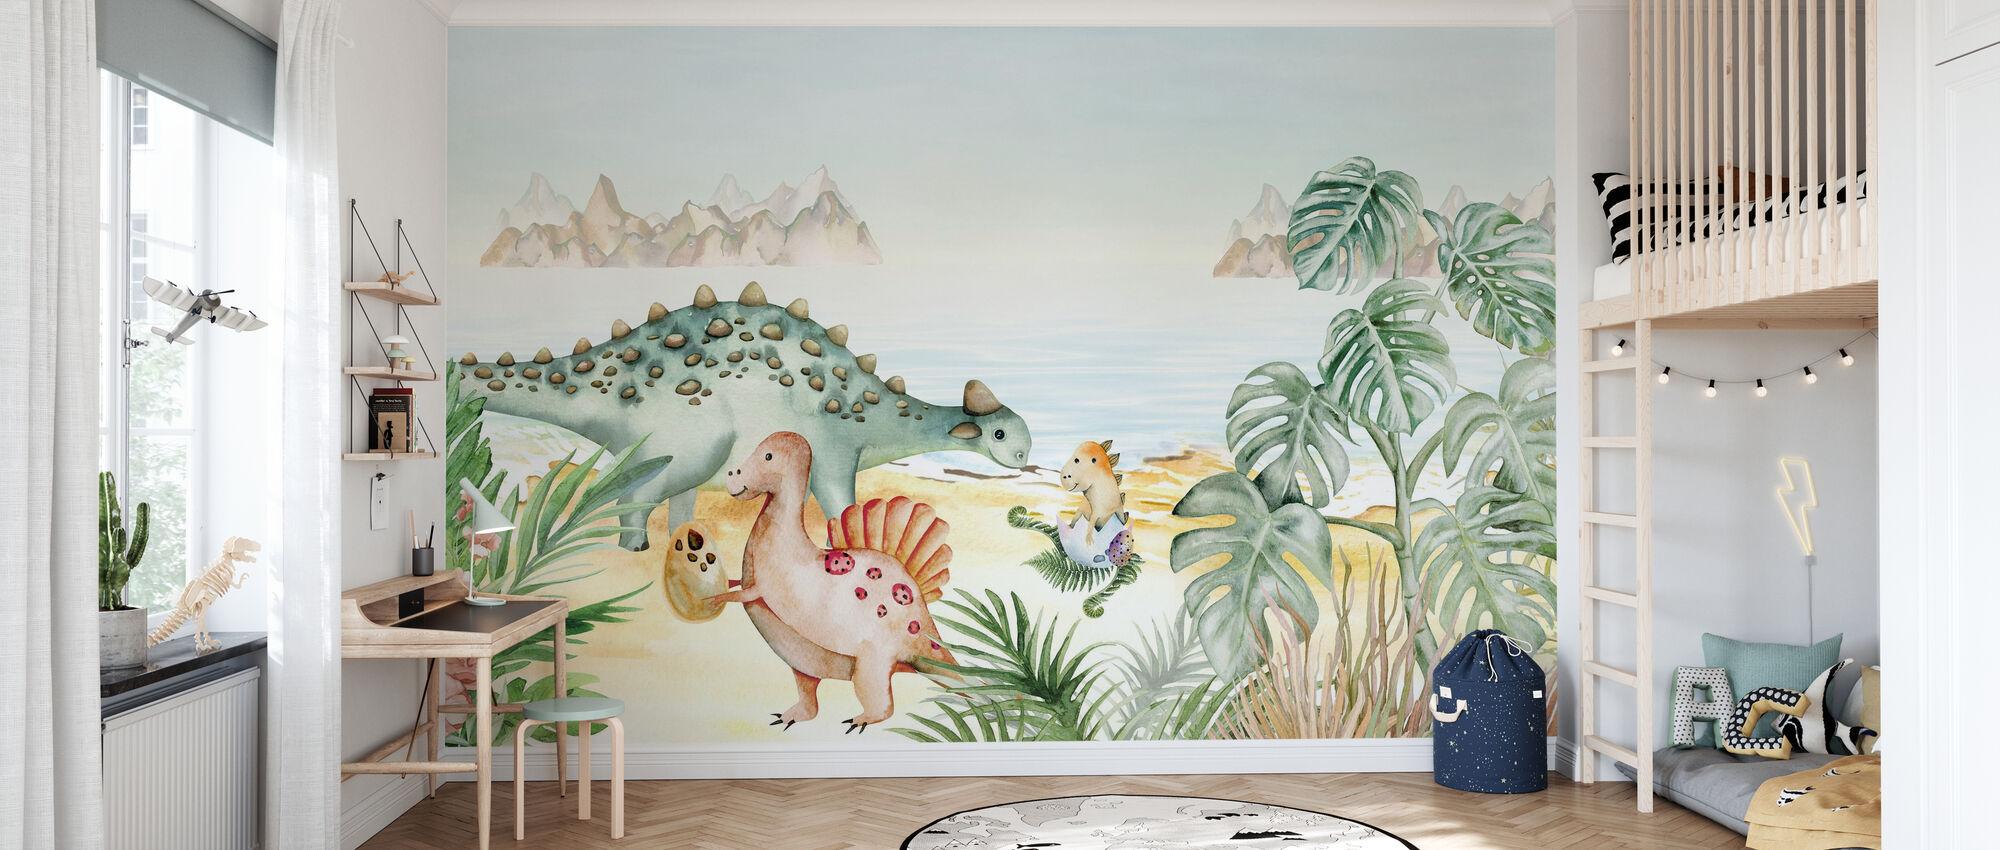 Dinosaur Island - Wallpaper - Kids Room